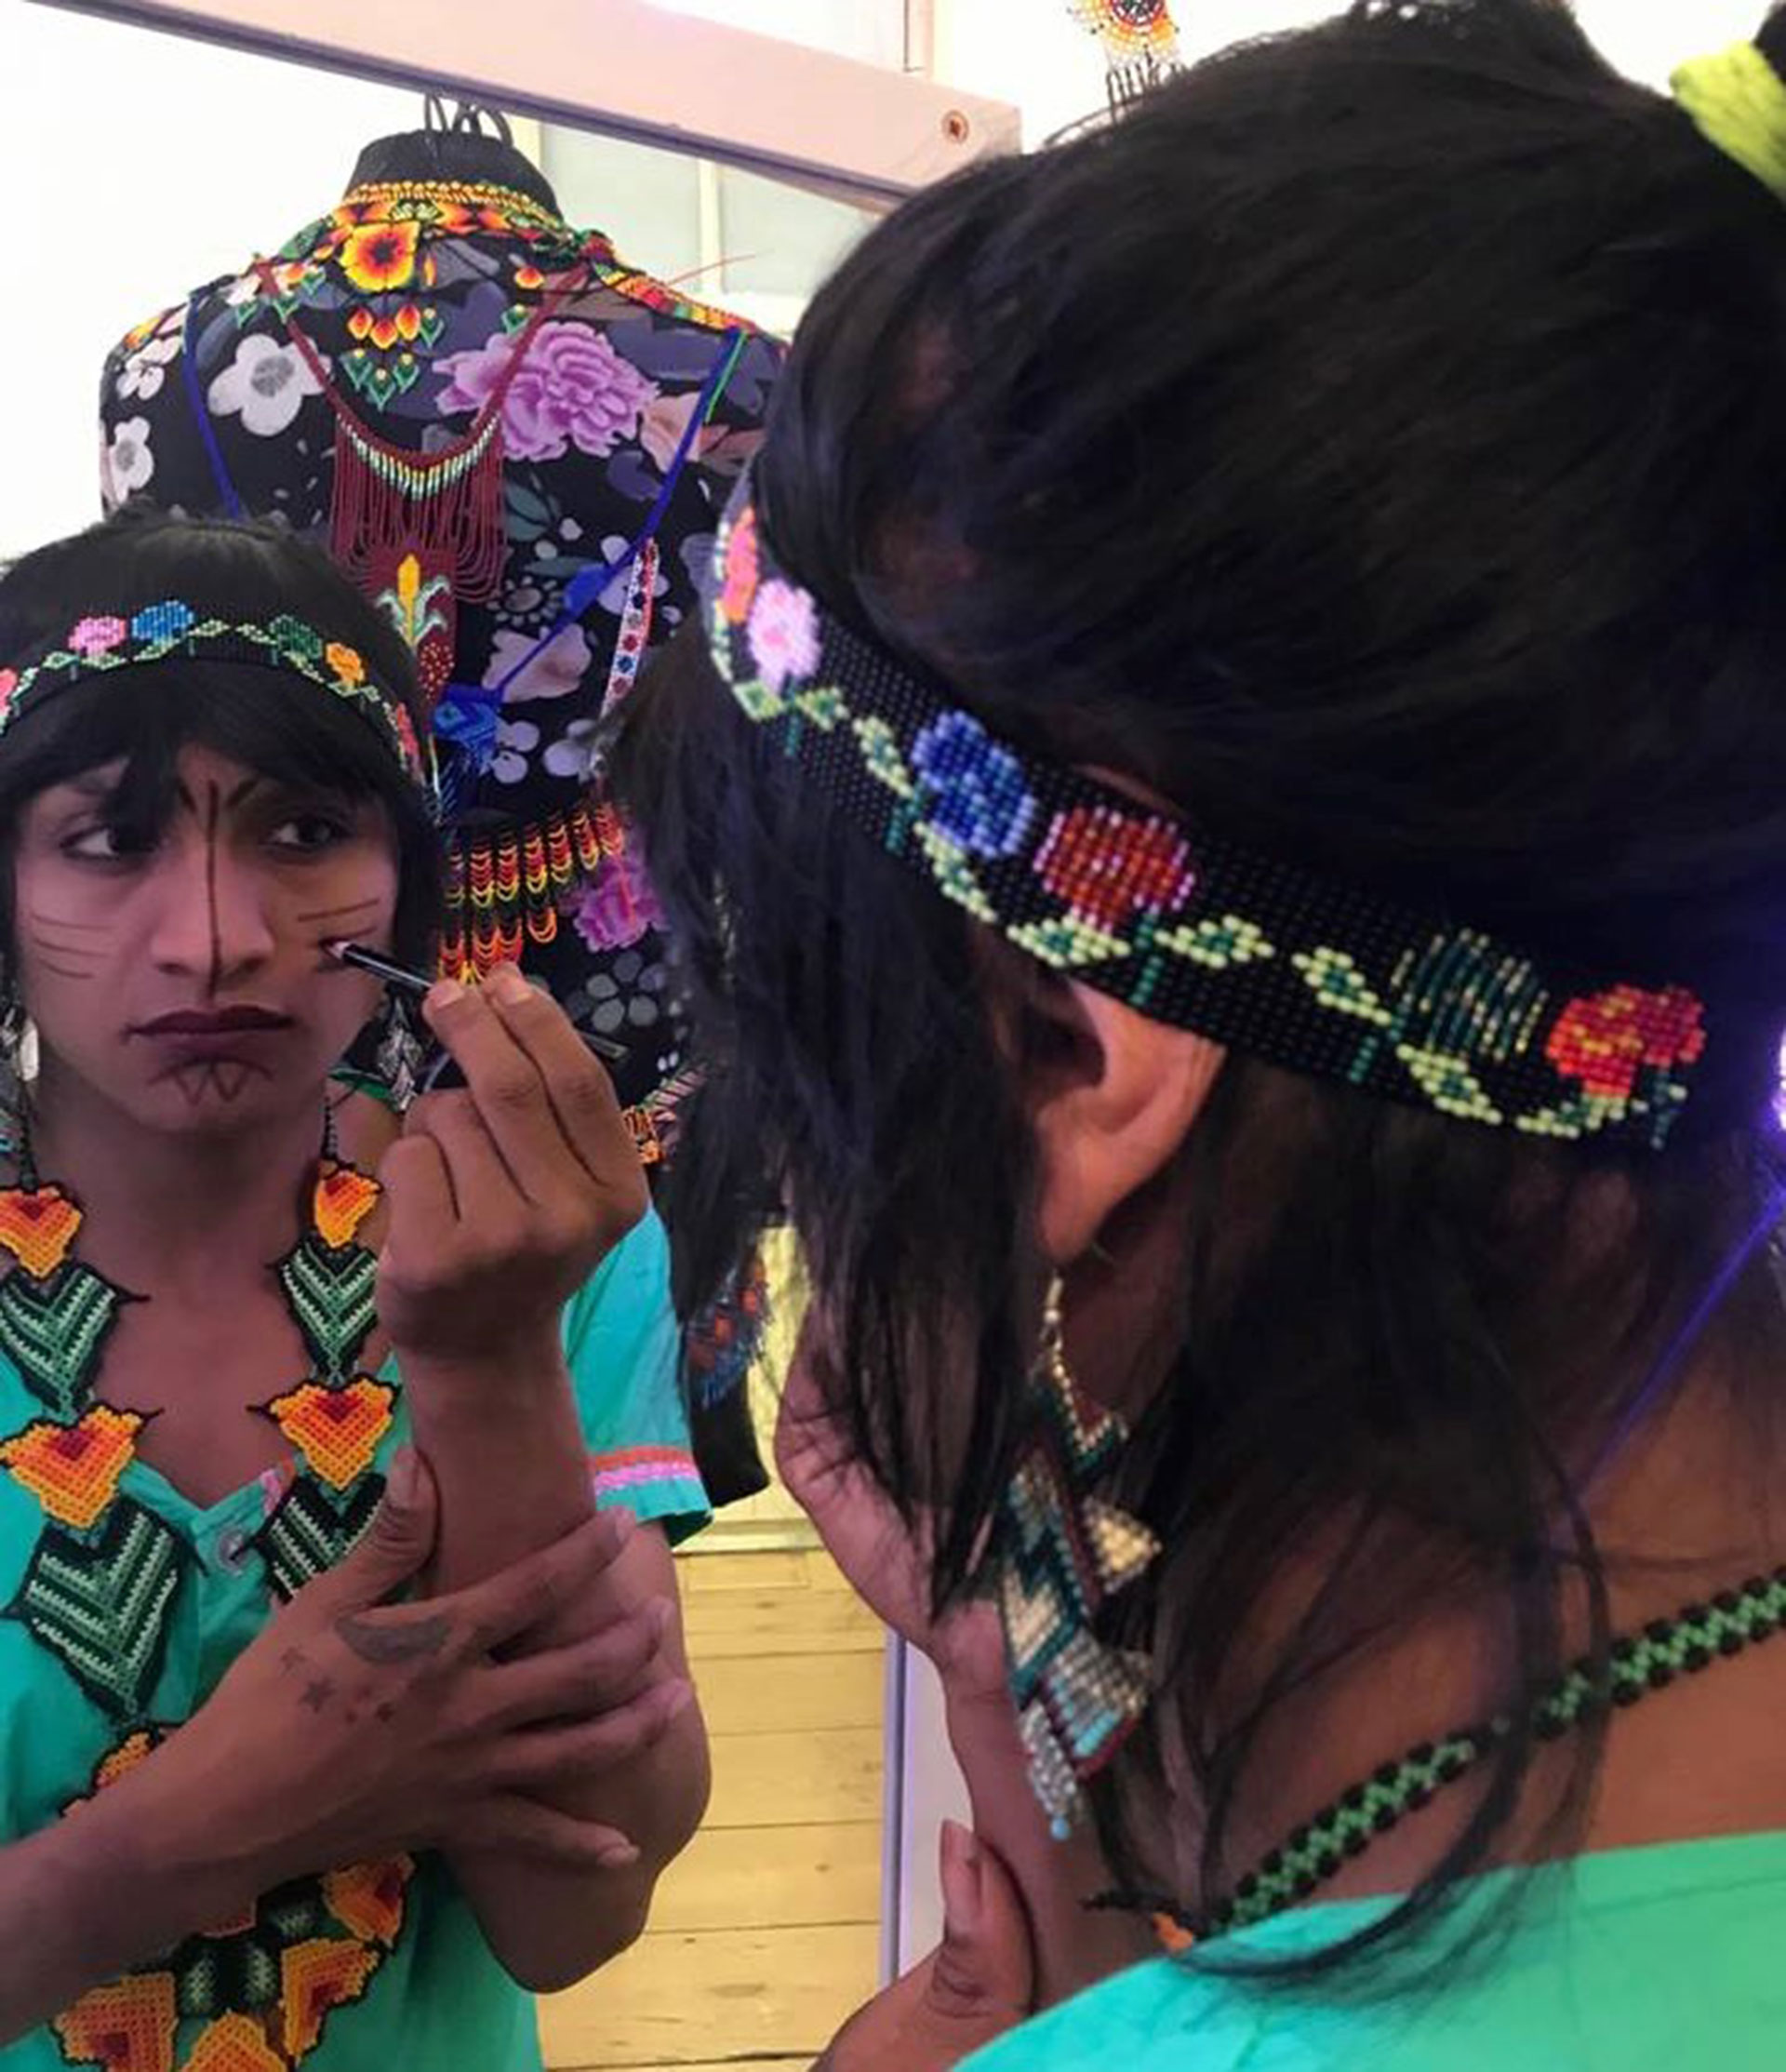 Roxana teje en su tradición artesanal accesorios que complementan los diseños de Laurens.